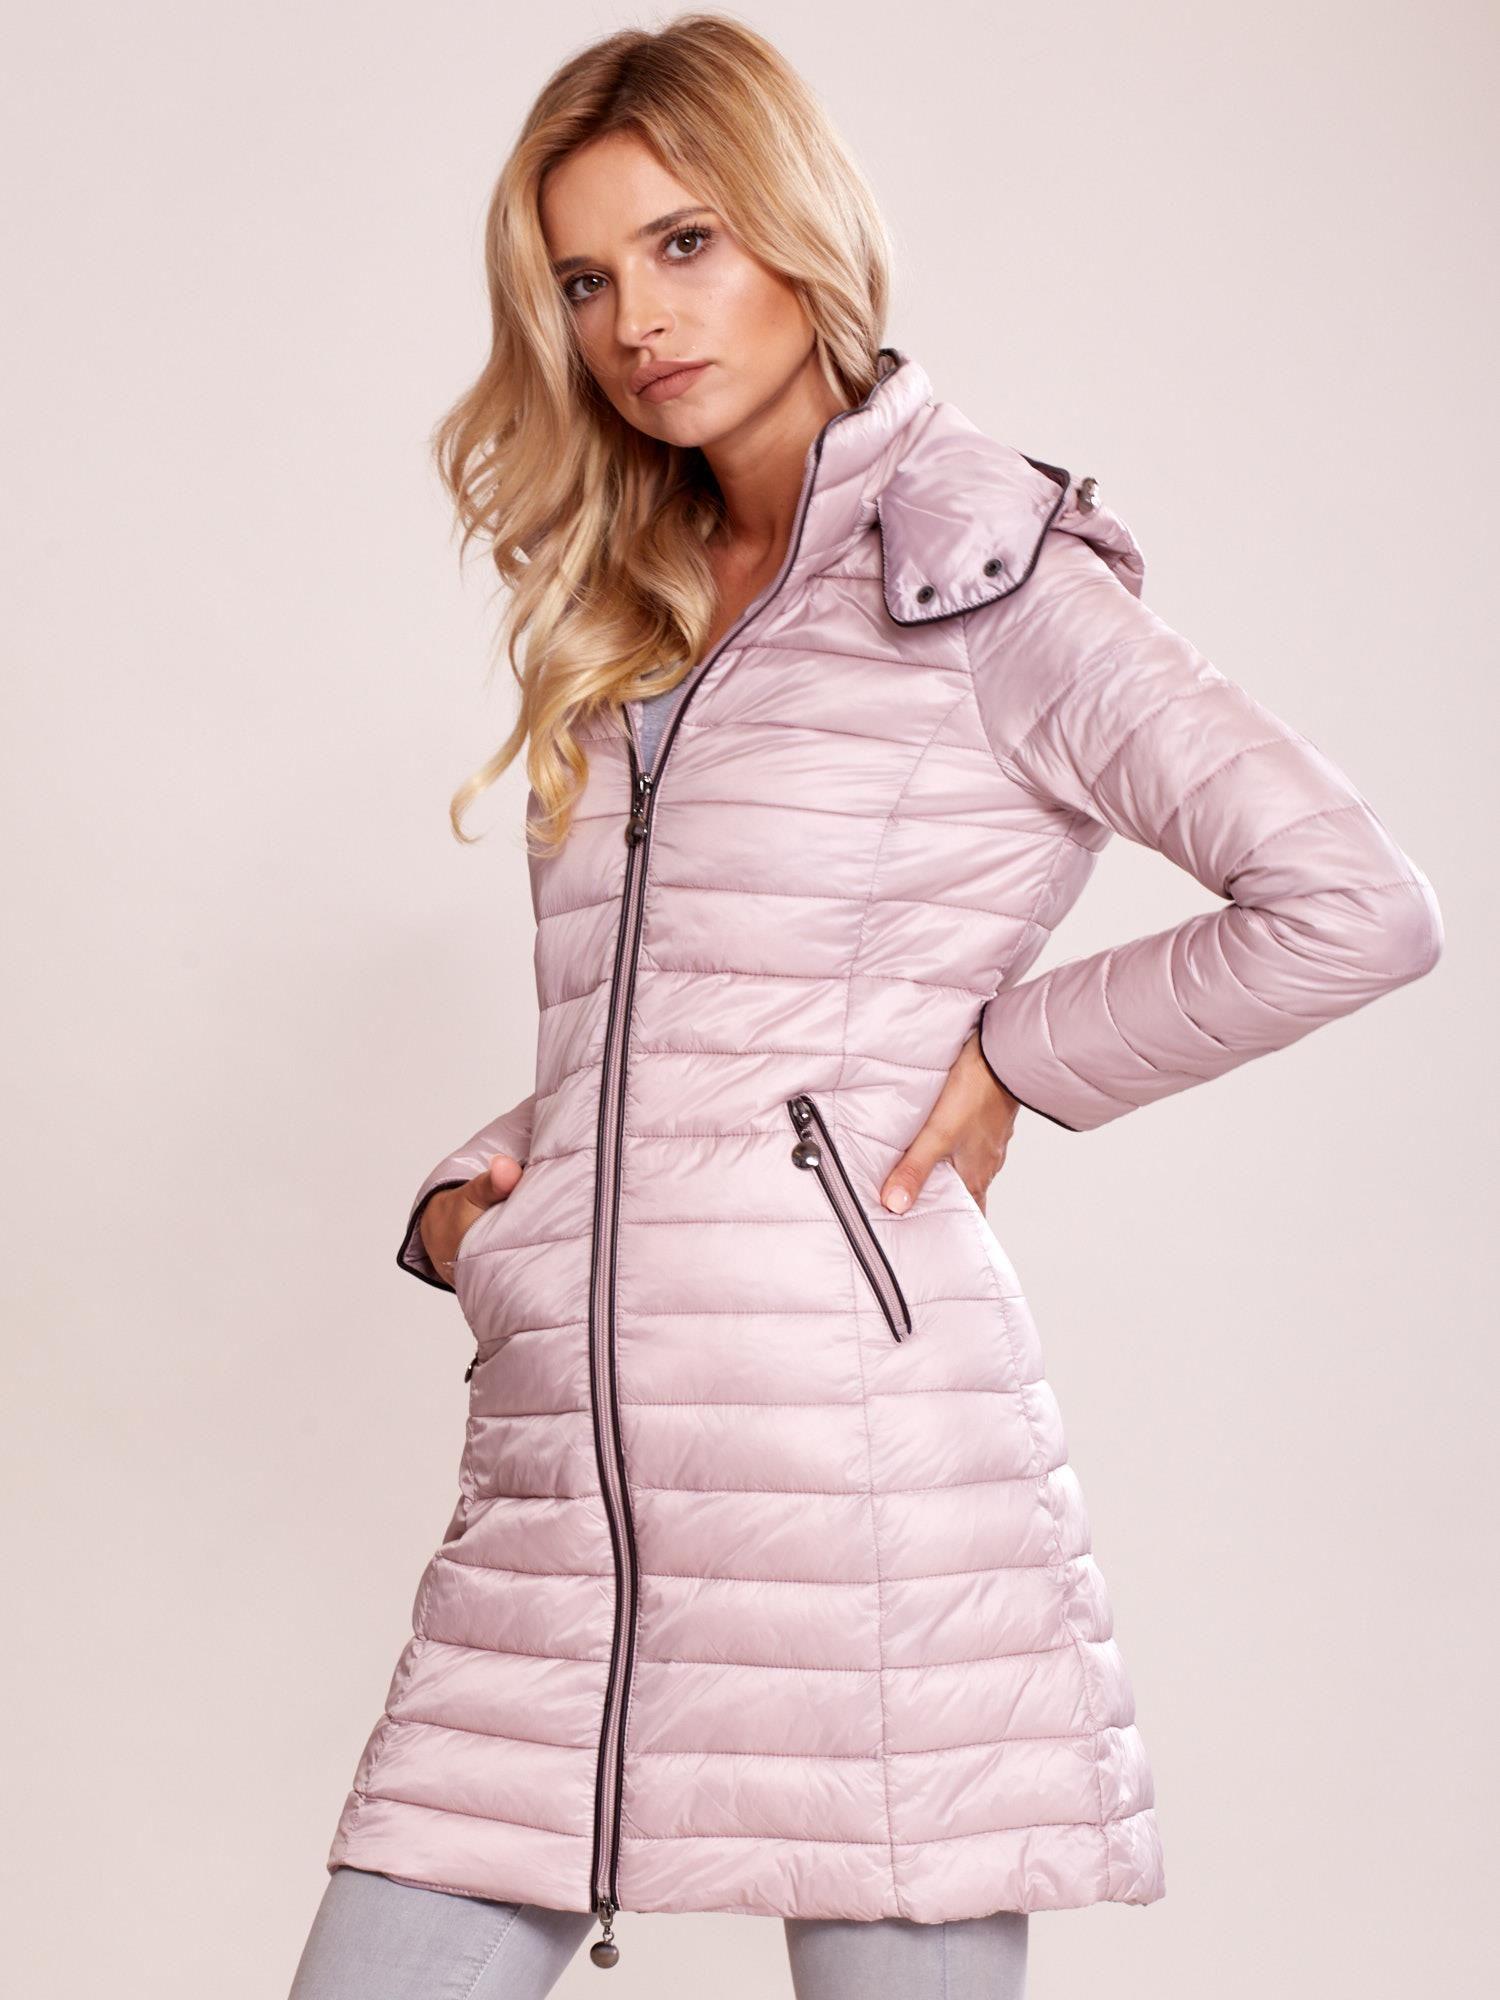 5829b25f6d8e7d Khaki pikowany płaszcz z odpinanym kapturem - Kurtka przejściowa - sklep  eButik.pl